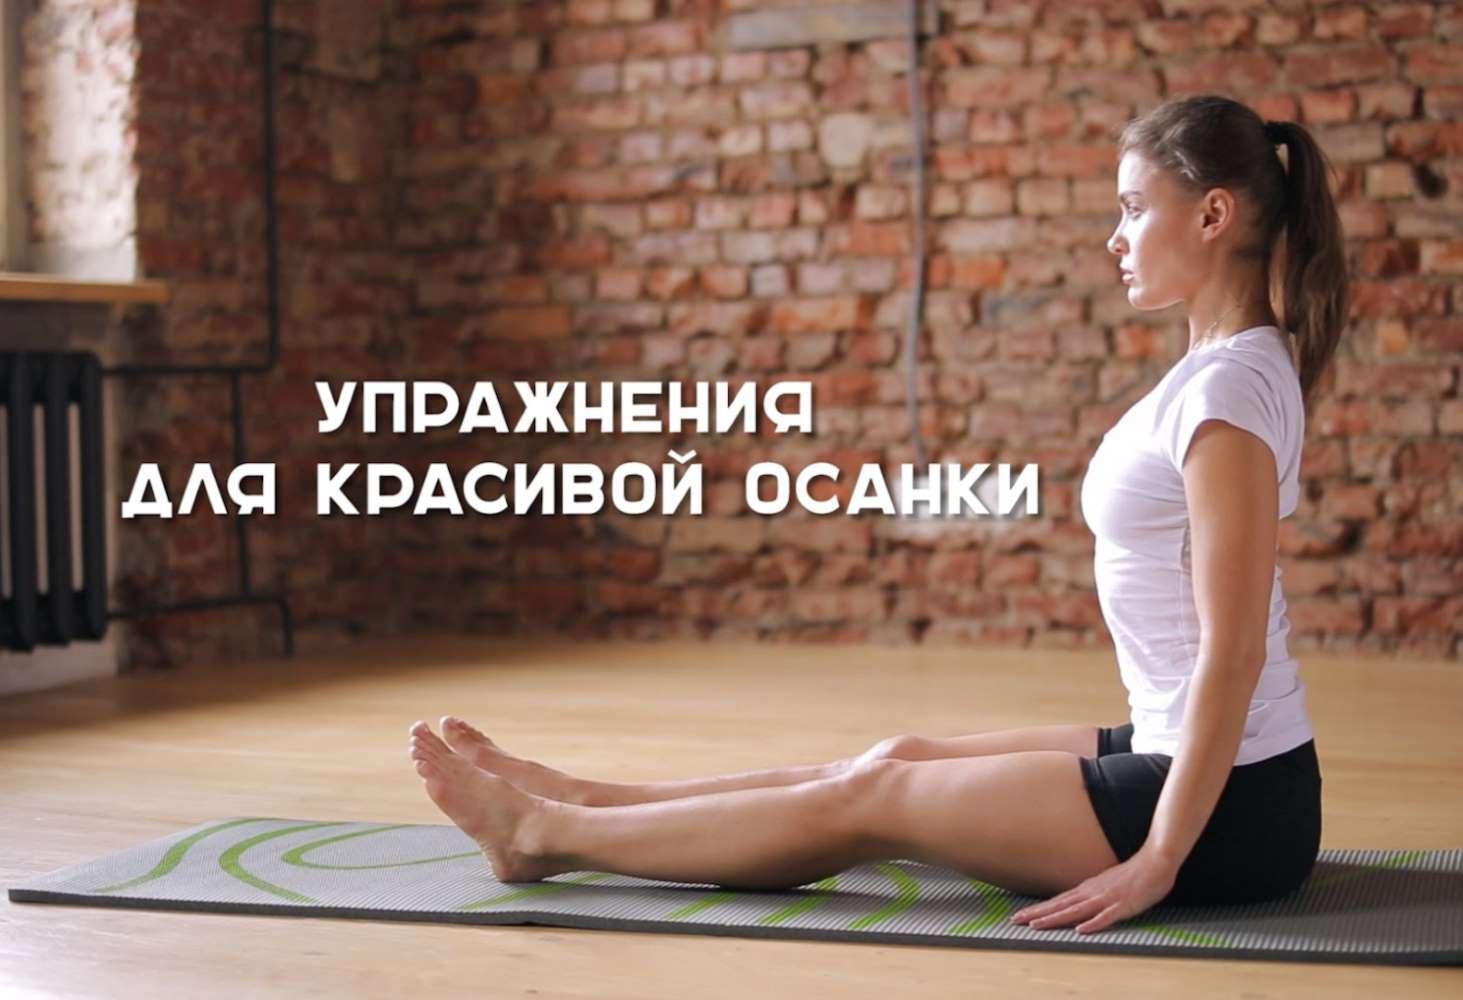 krasivaya-osanka-kak-ostanovit-razvitie-skolioza-u-detej